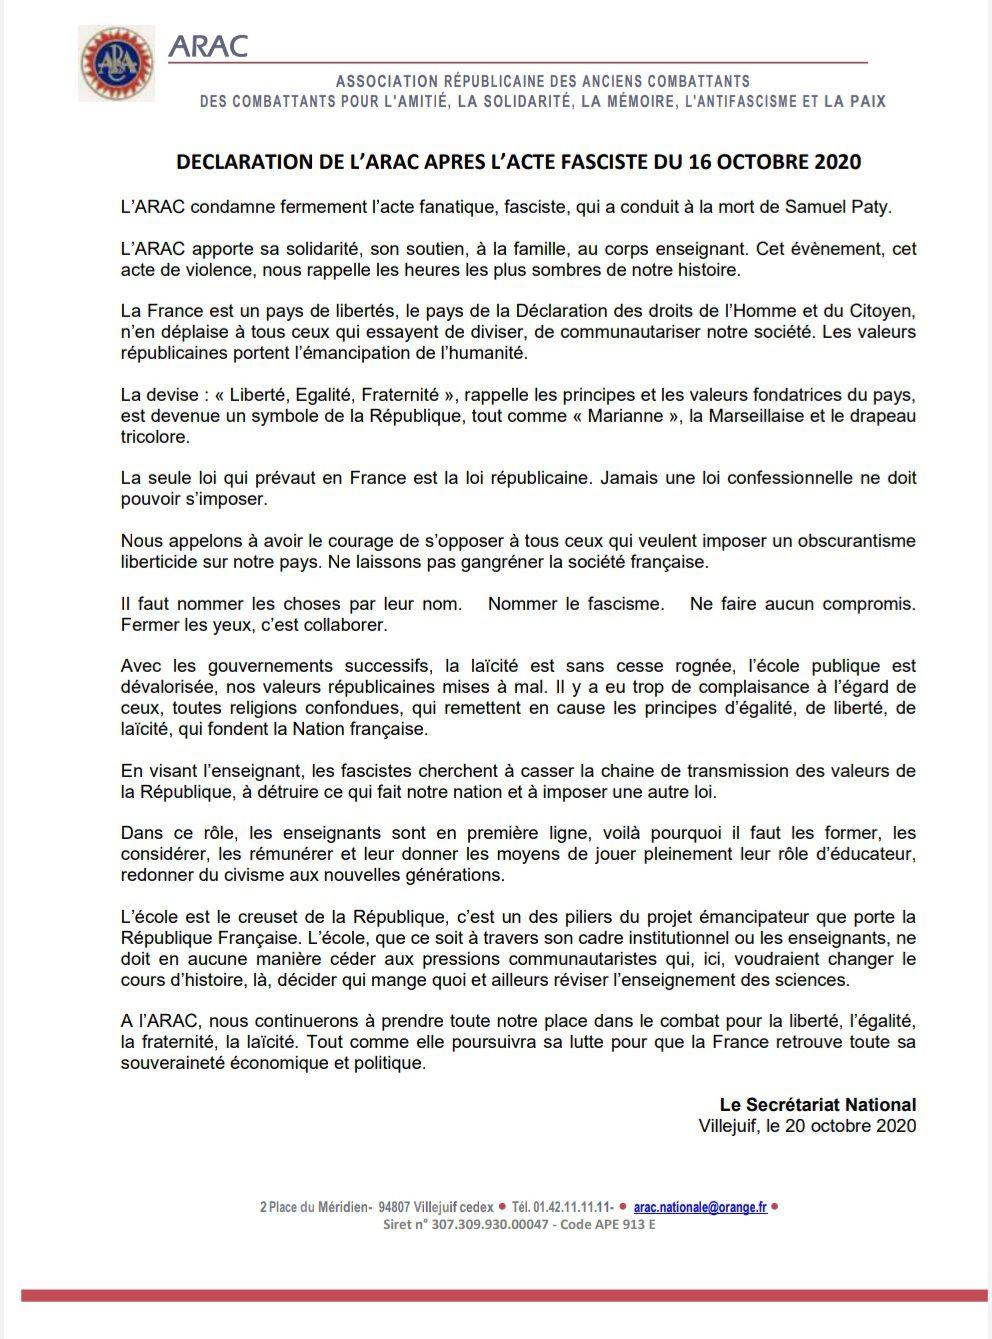 Déclaration de l'ARAC après l'acte fasciste du 16 octobre 2020